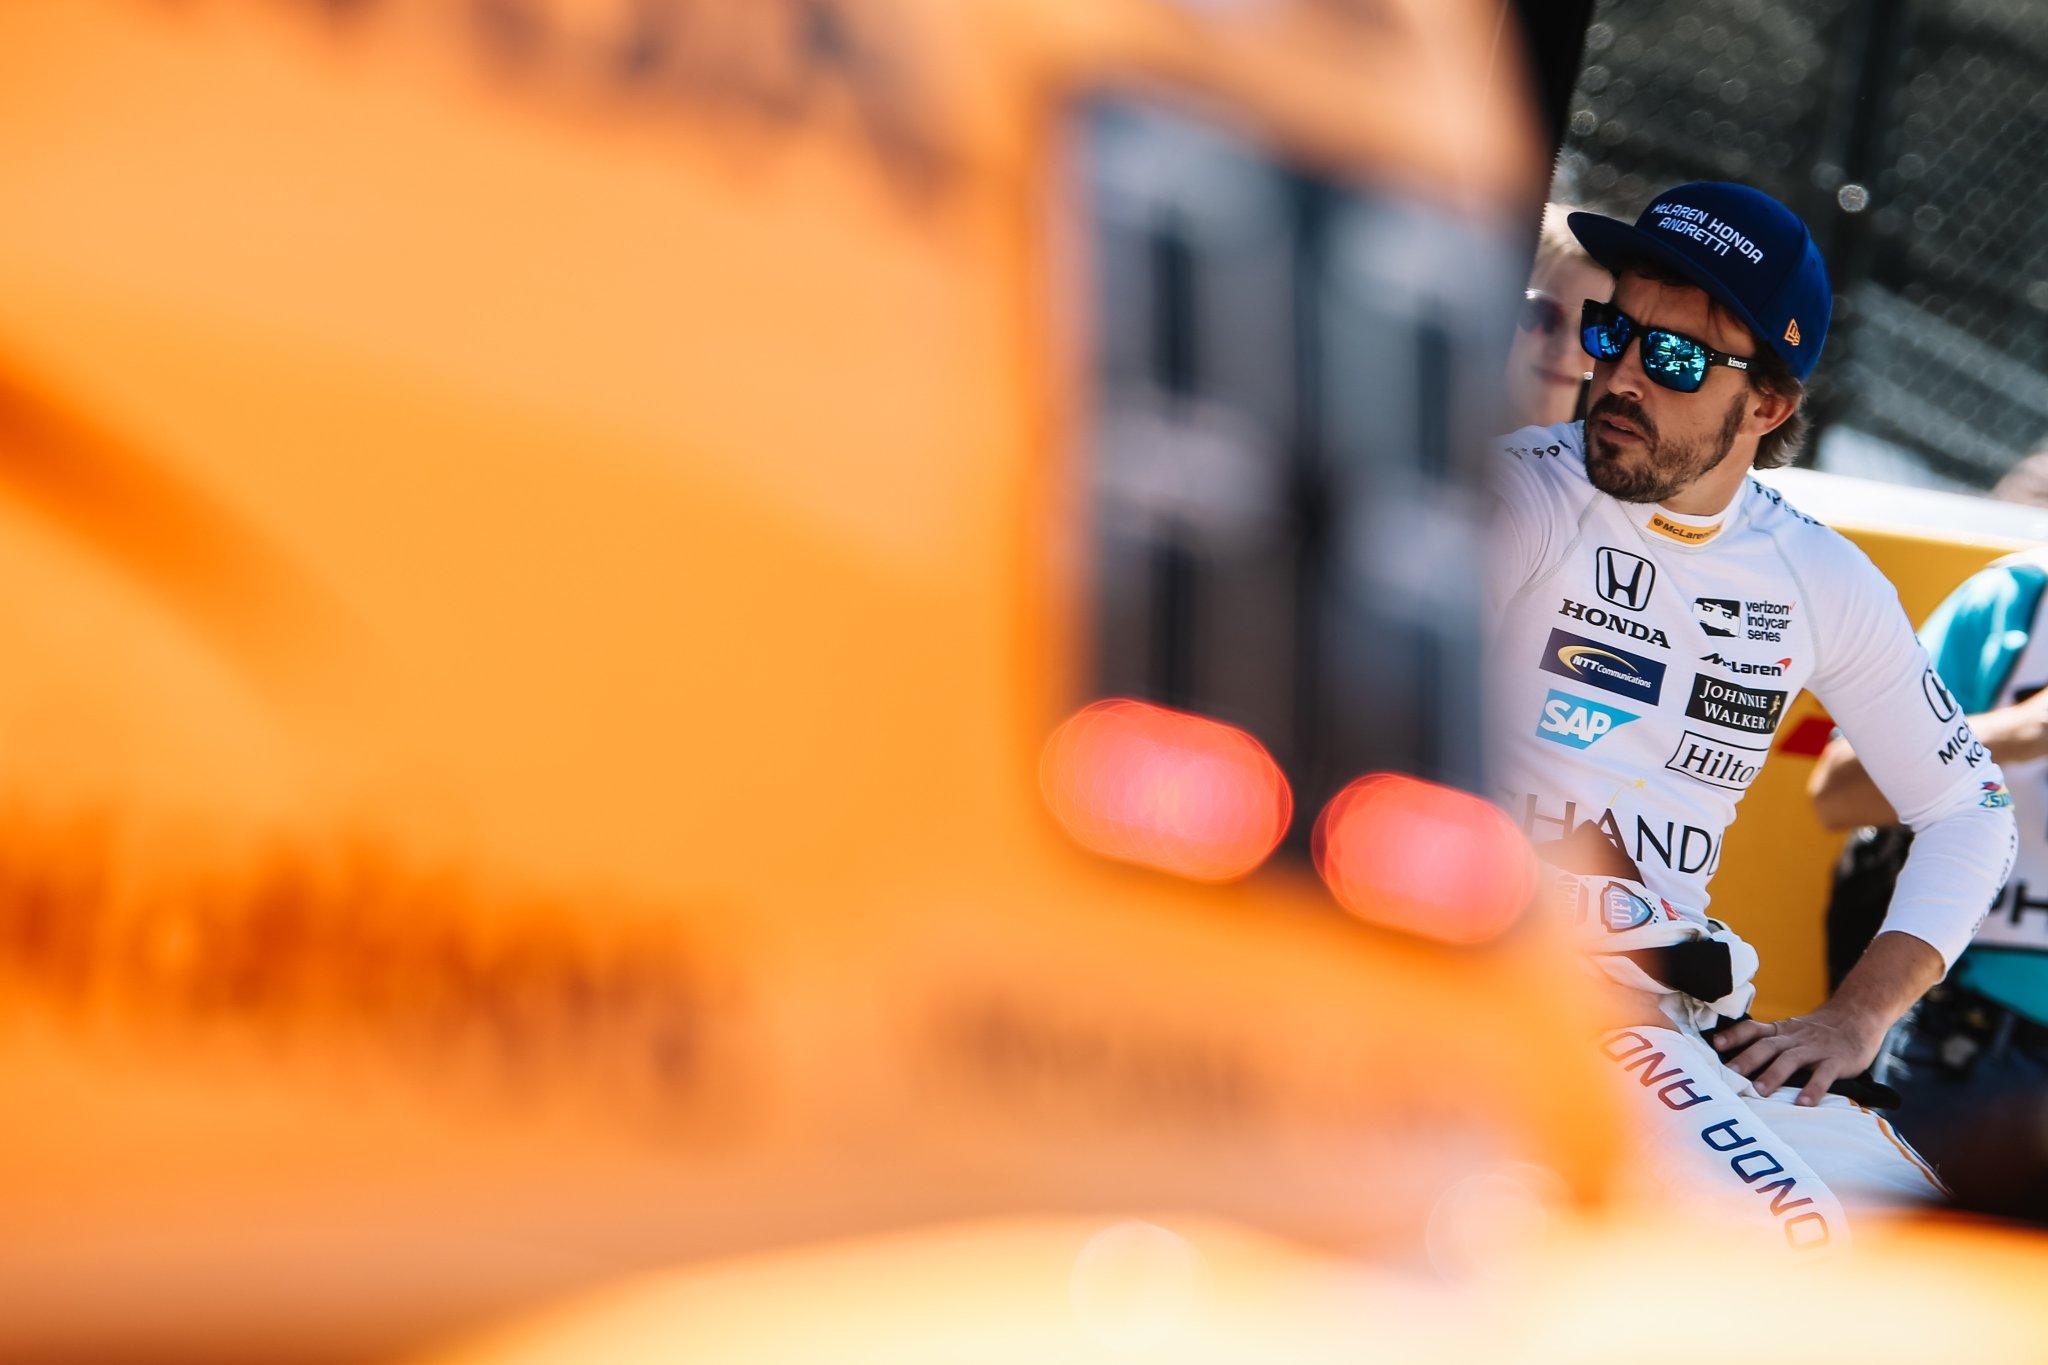 Alonso Indy 500 3.jpg